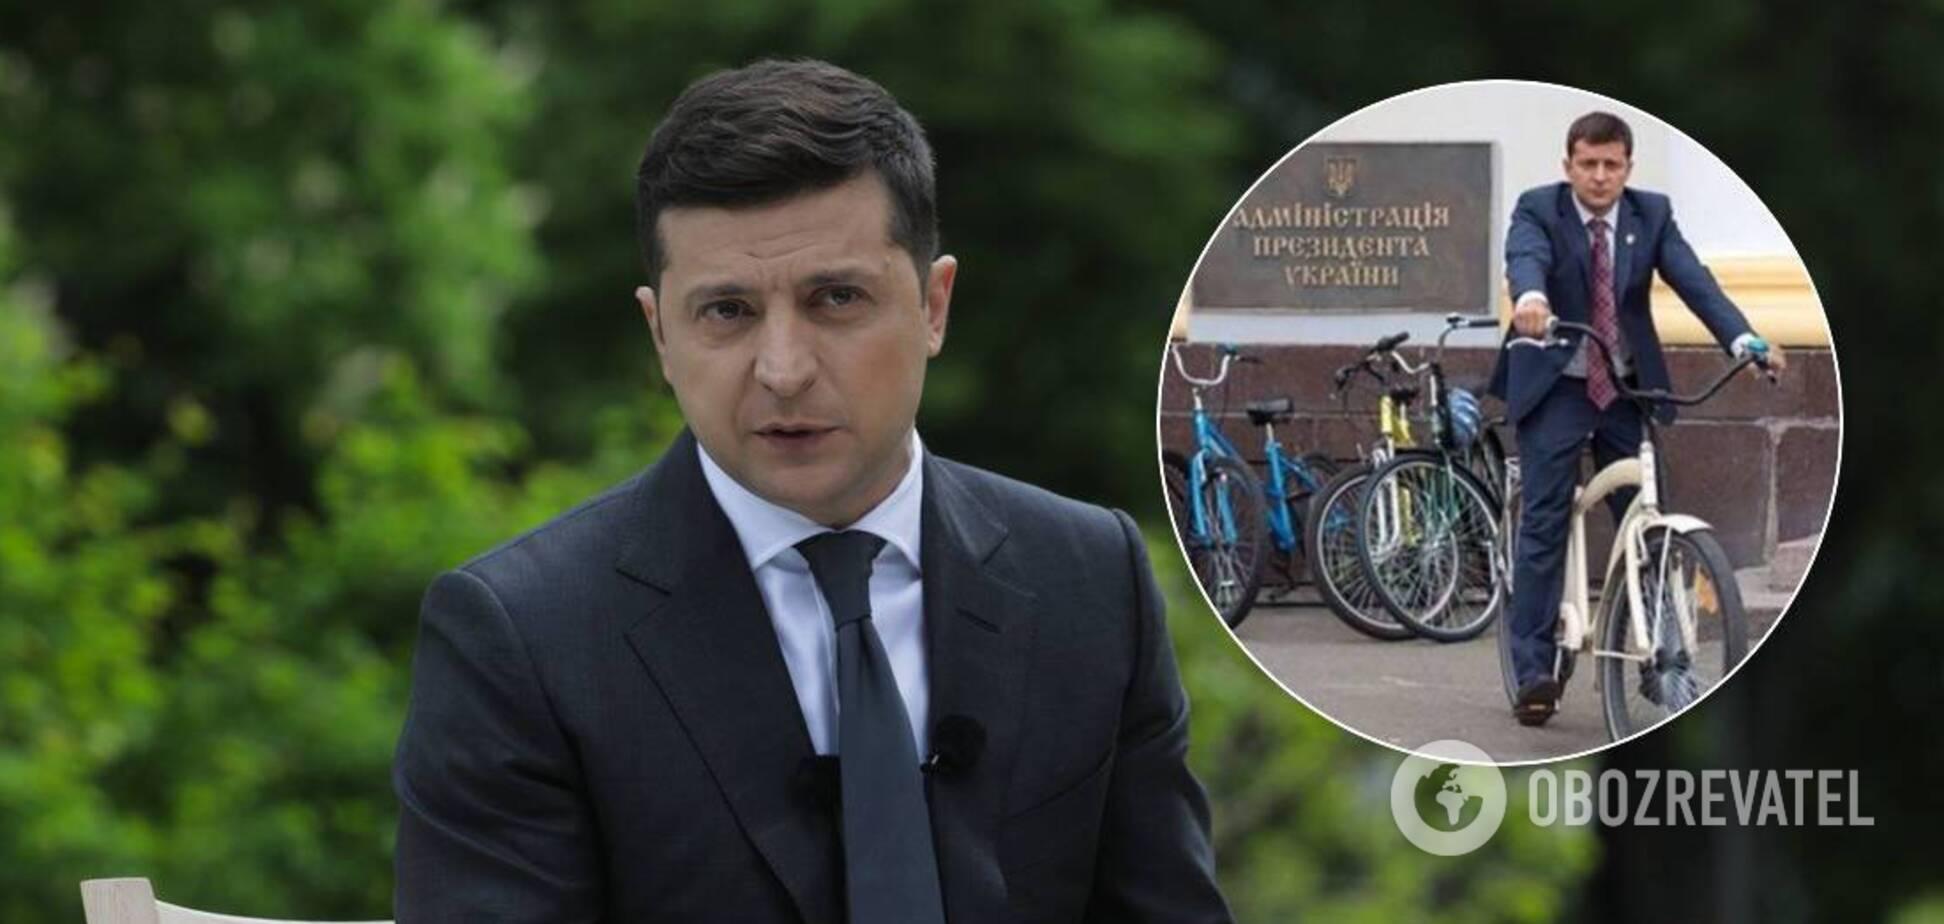 Зеленський віддалився від народу й забув про обіцянки? Чому президент досі не на велосипеді і які ризики для України